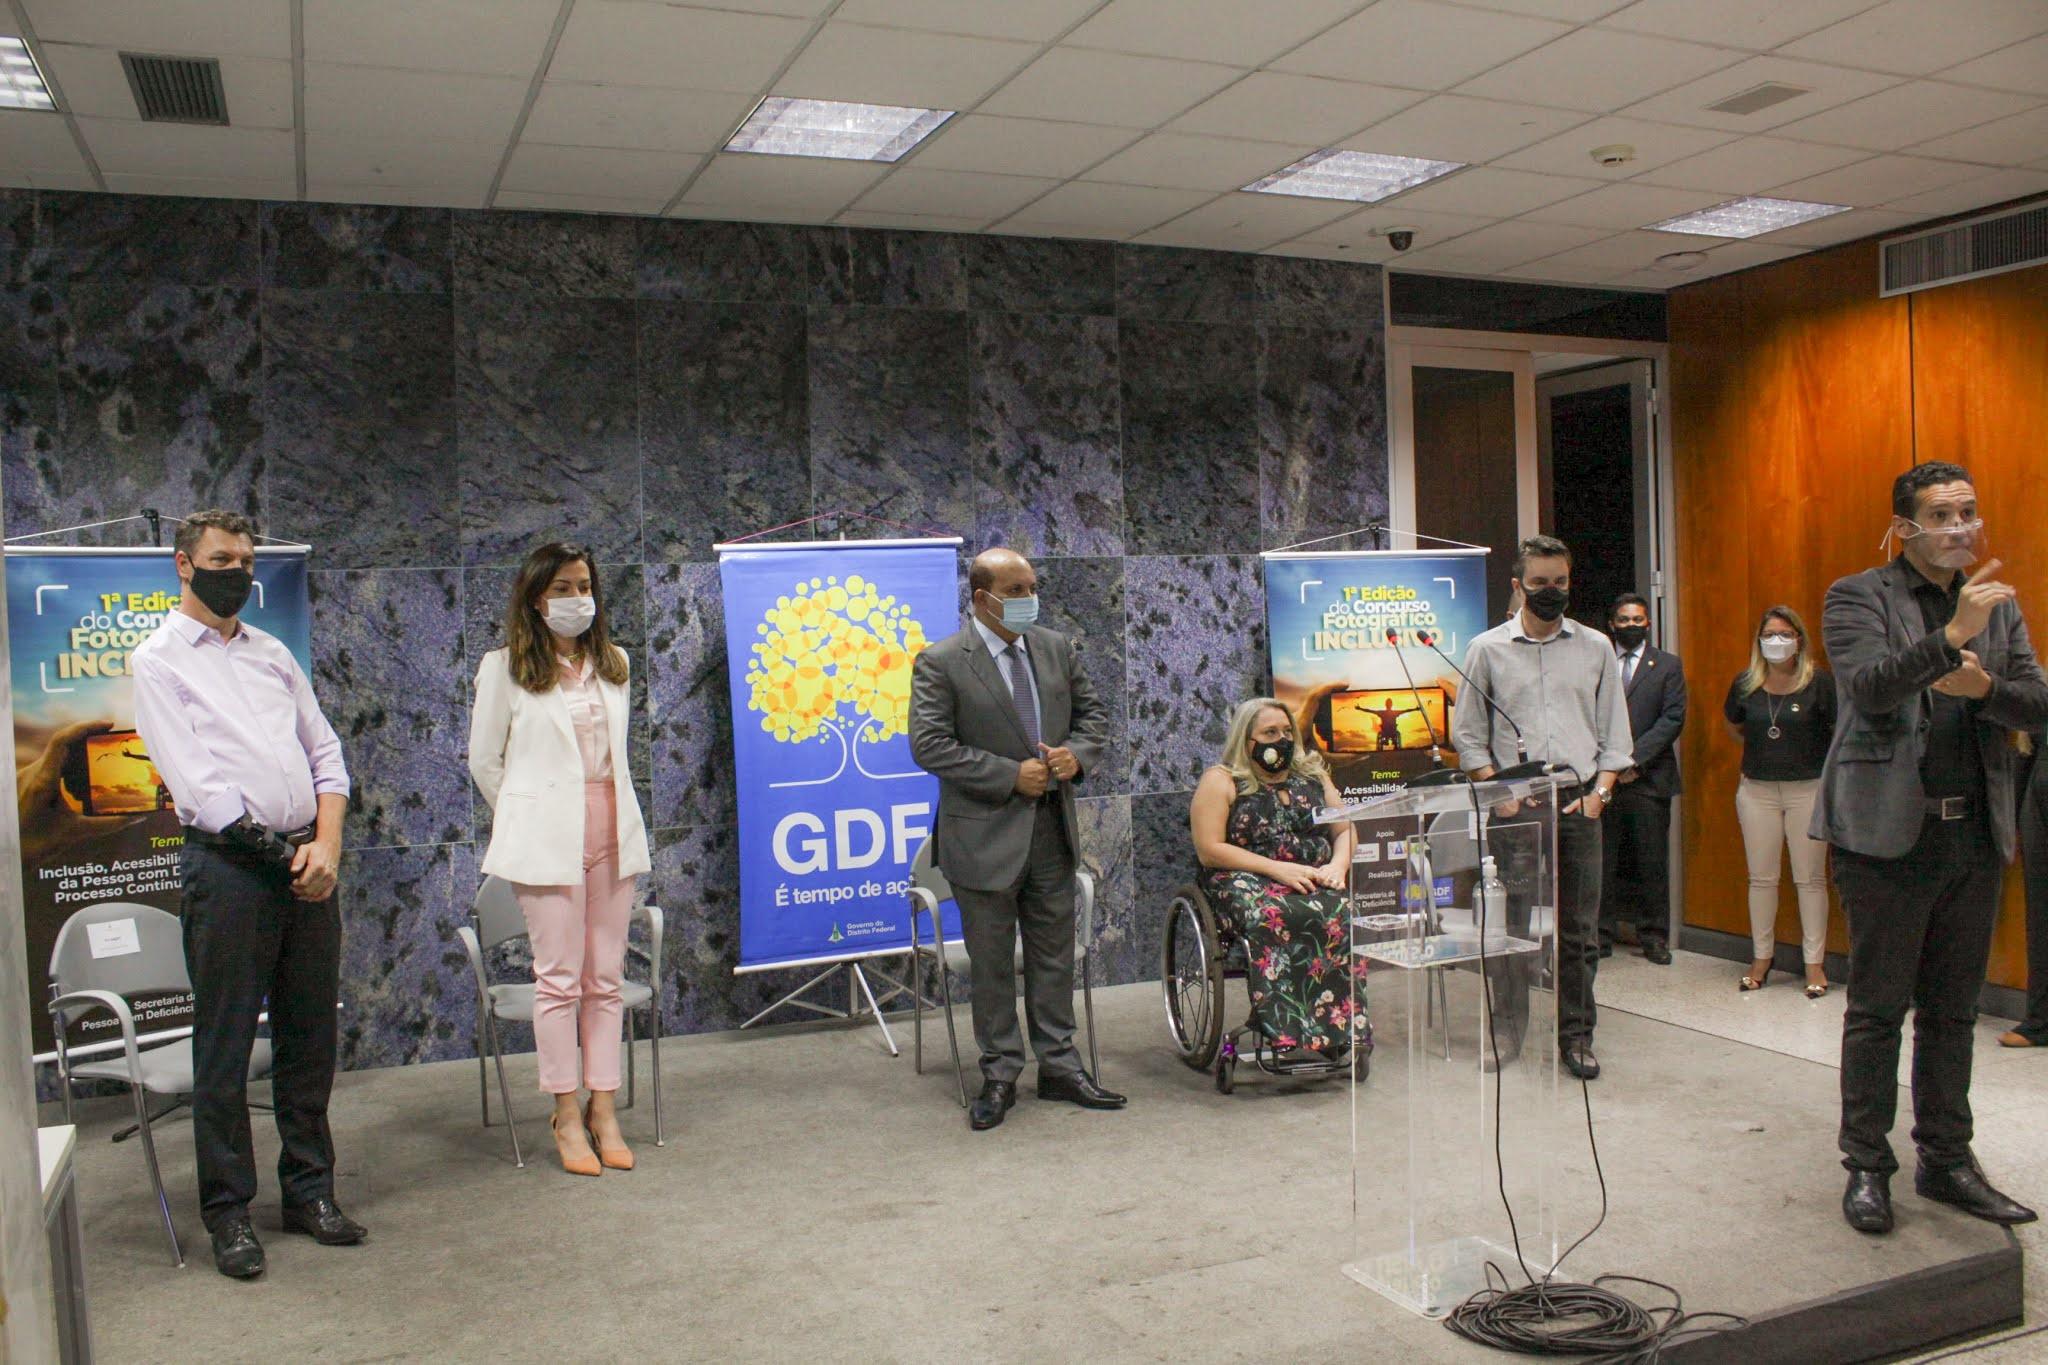 Governador Ibaneis Rocha entrega prêmio ao vencedor do concurso de fotografia inclusiva, Rafael Augusto Matsutacke